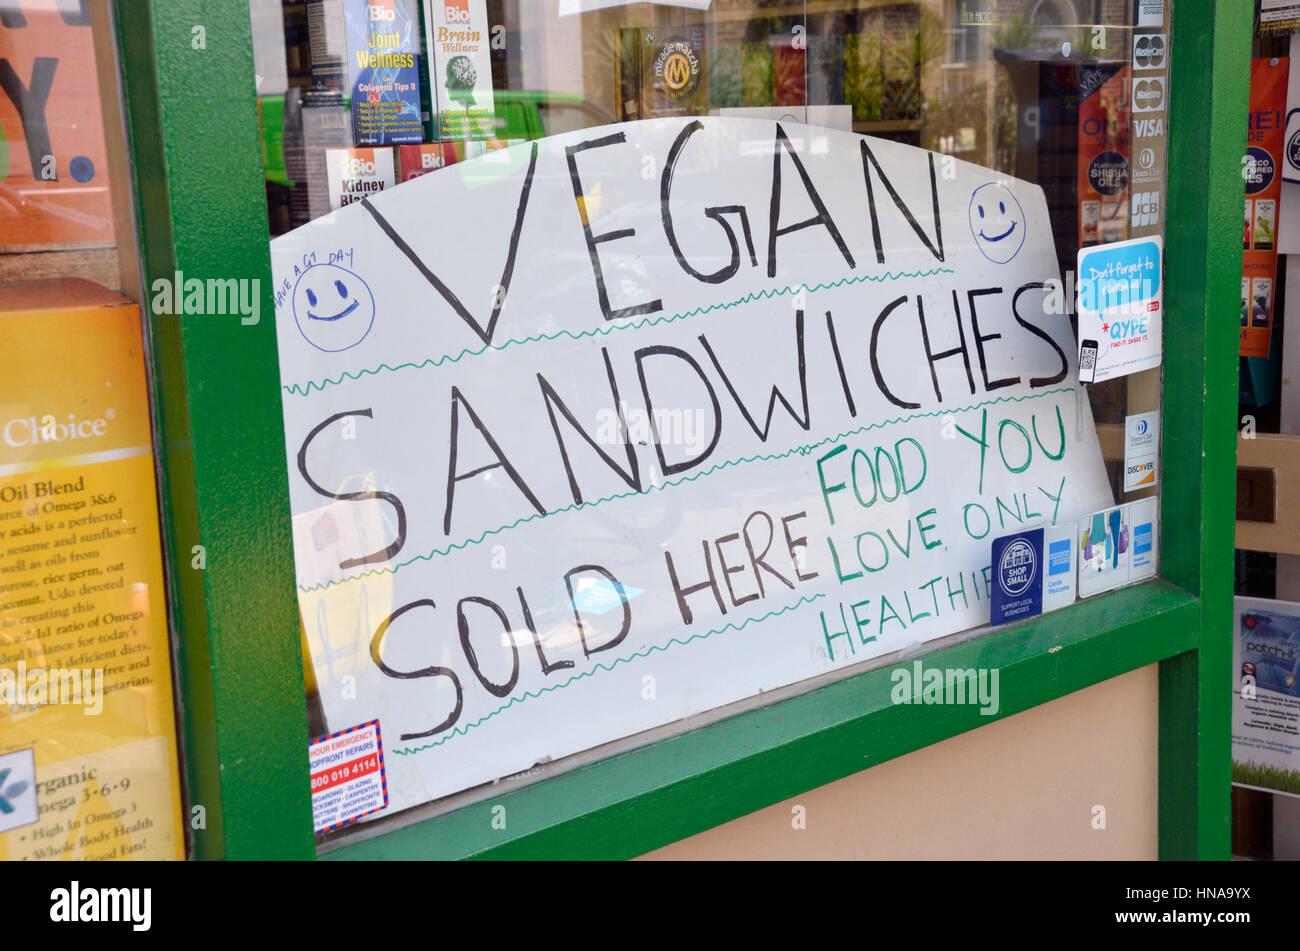 """""""Vegane Sandwiches verkauft hier"""" melden Sie sich an einem Schaufenster Stockbild"""